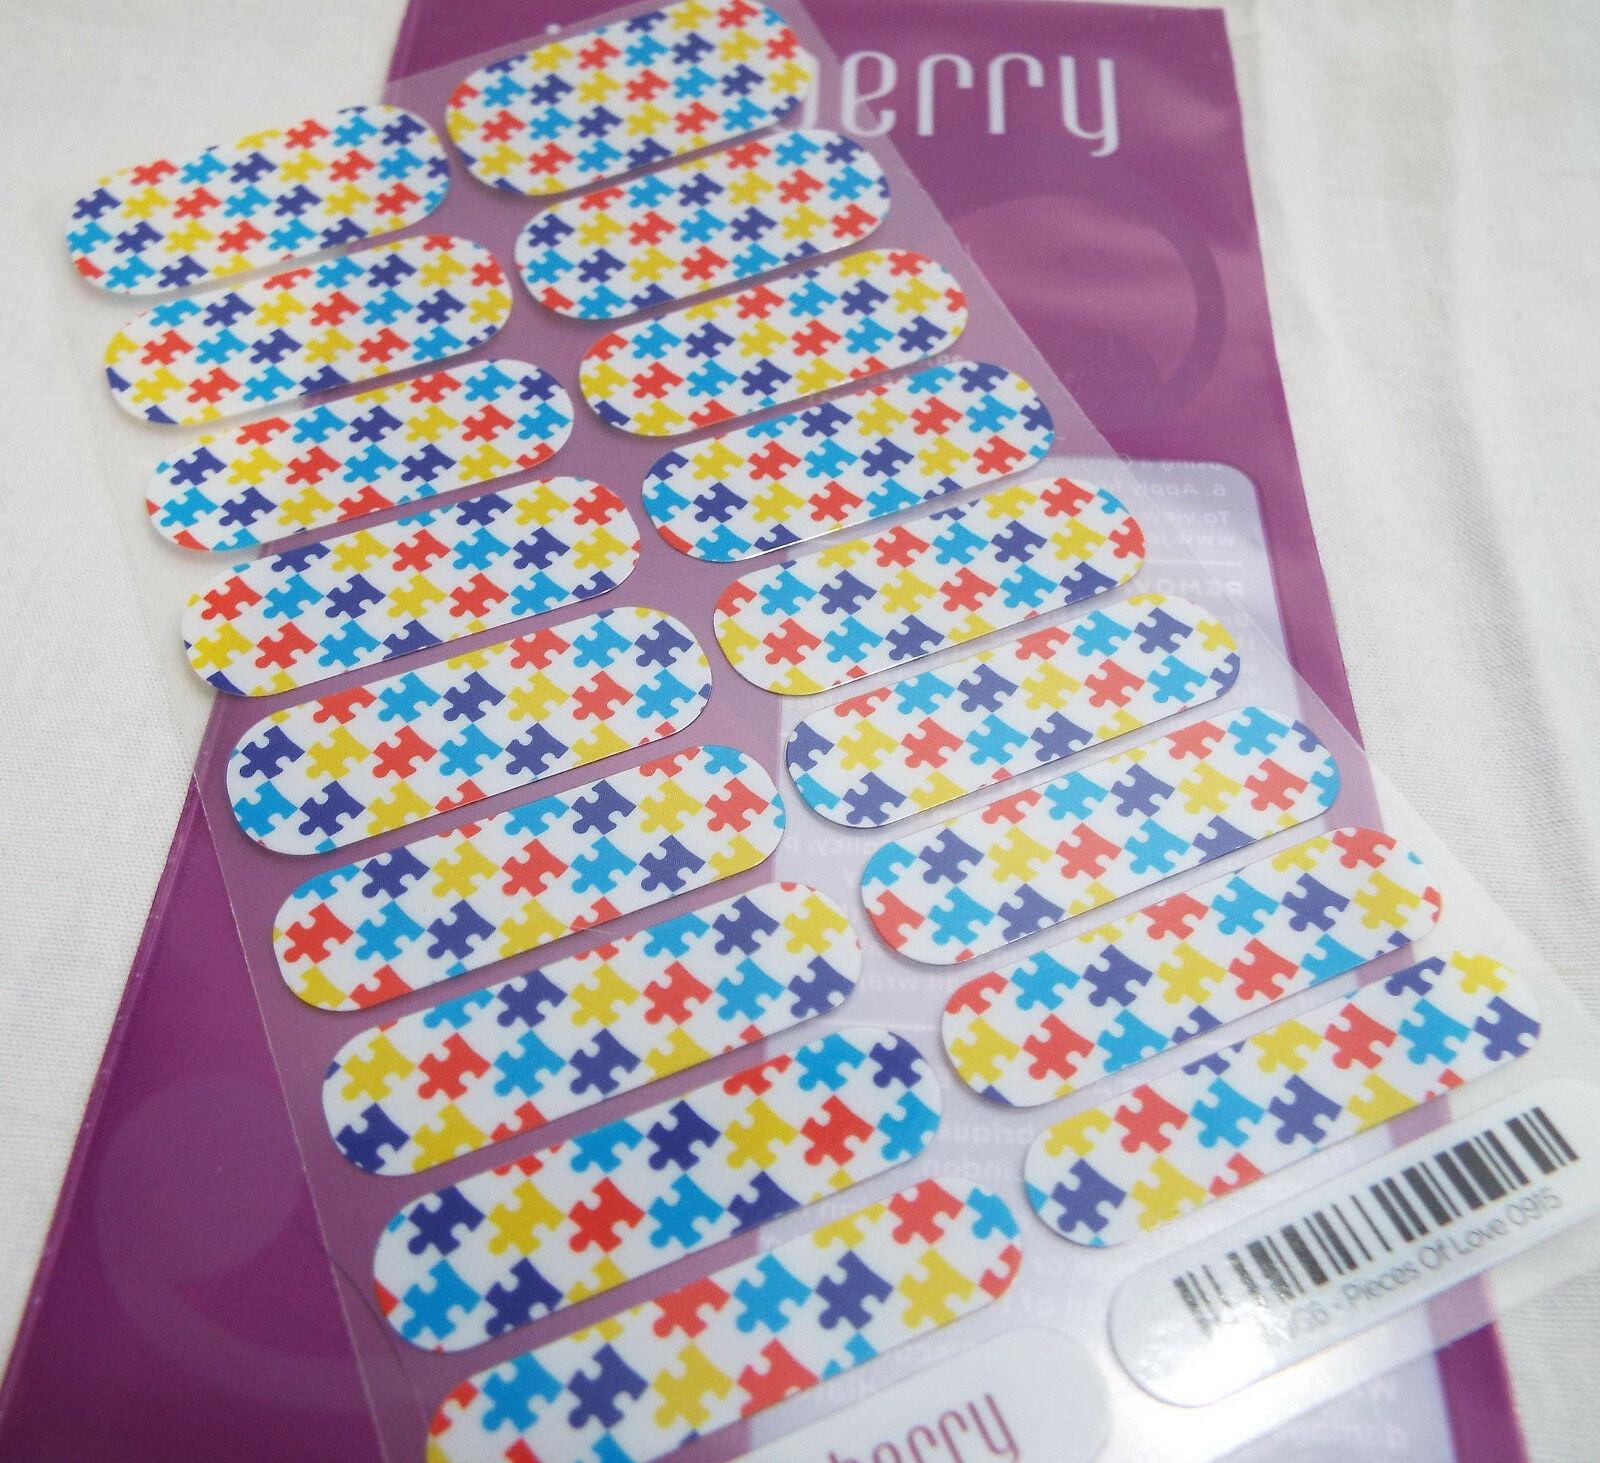 Jamberry Pièces de Love Charité 69C6 Ongles Enveloppe Feuille Complète